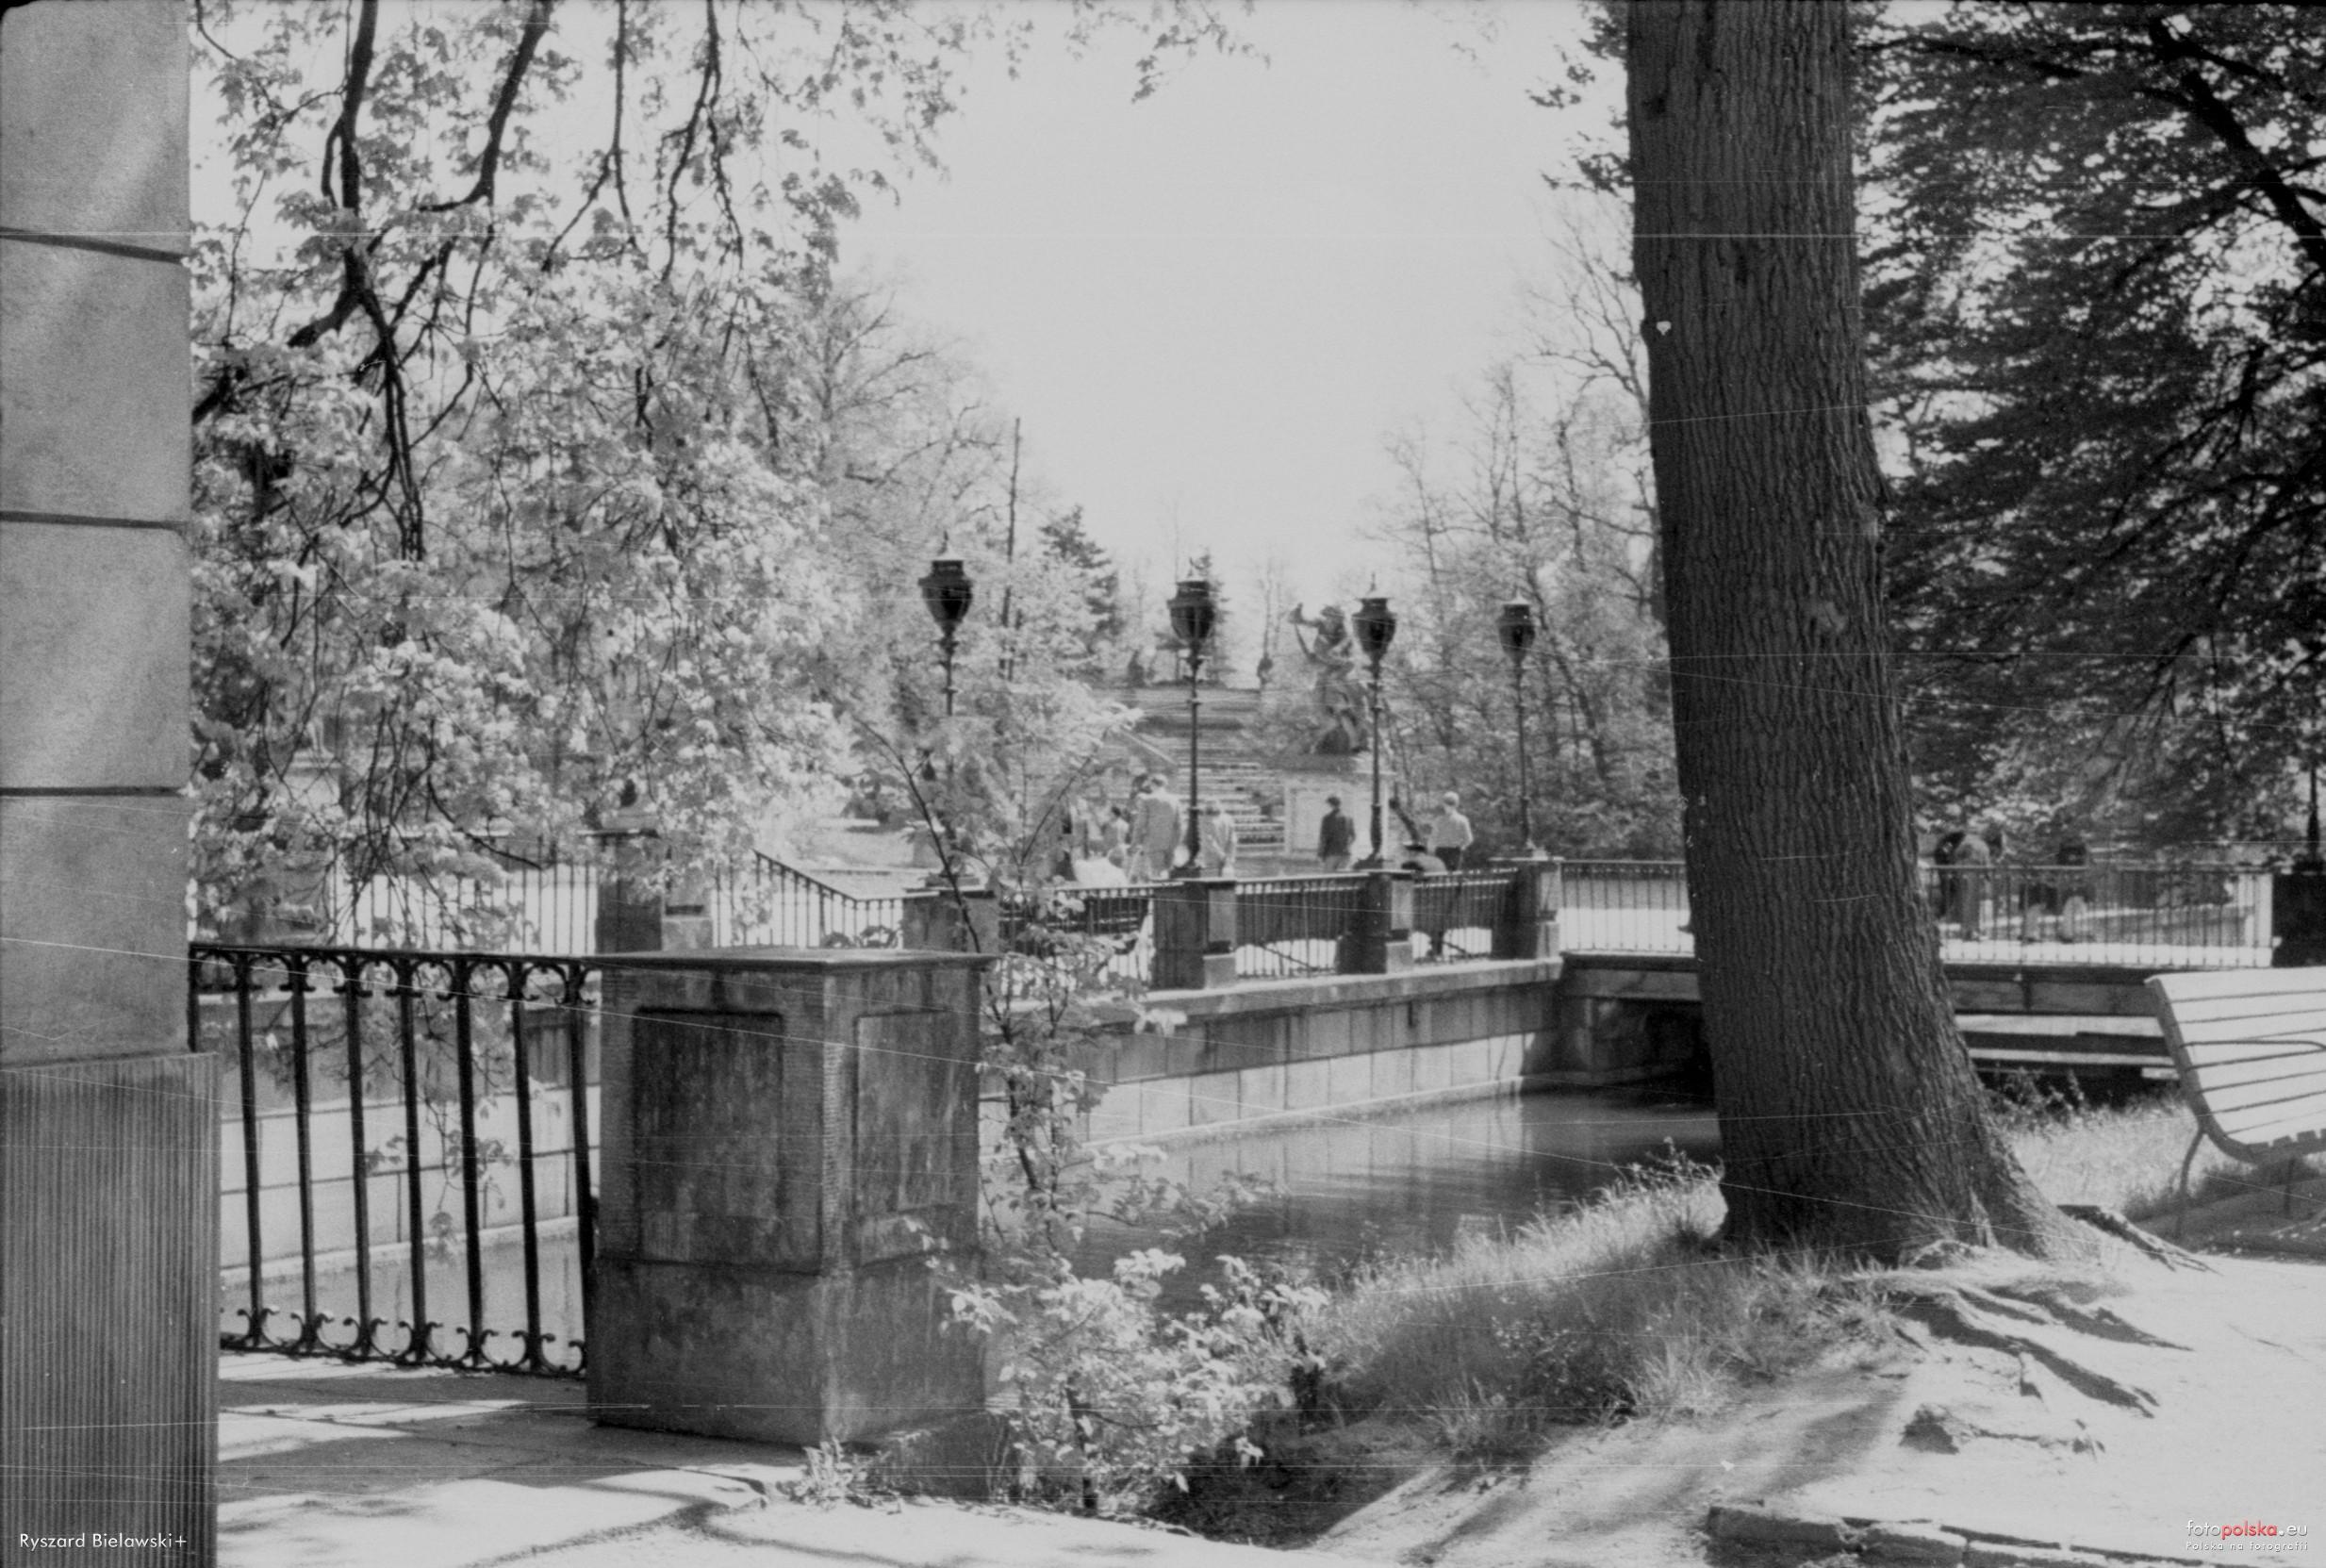 łazienki Królewskie Warszawa 1955 Rok Stare Zdjęcia